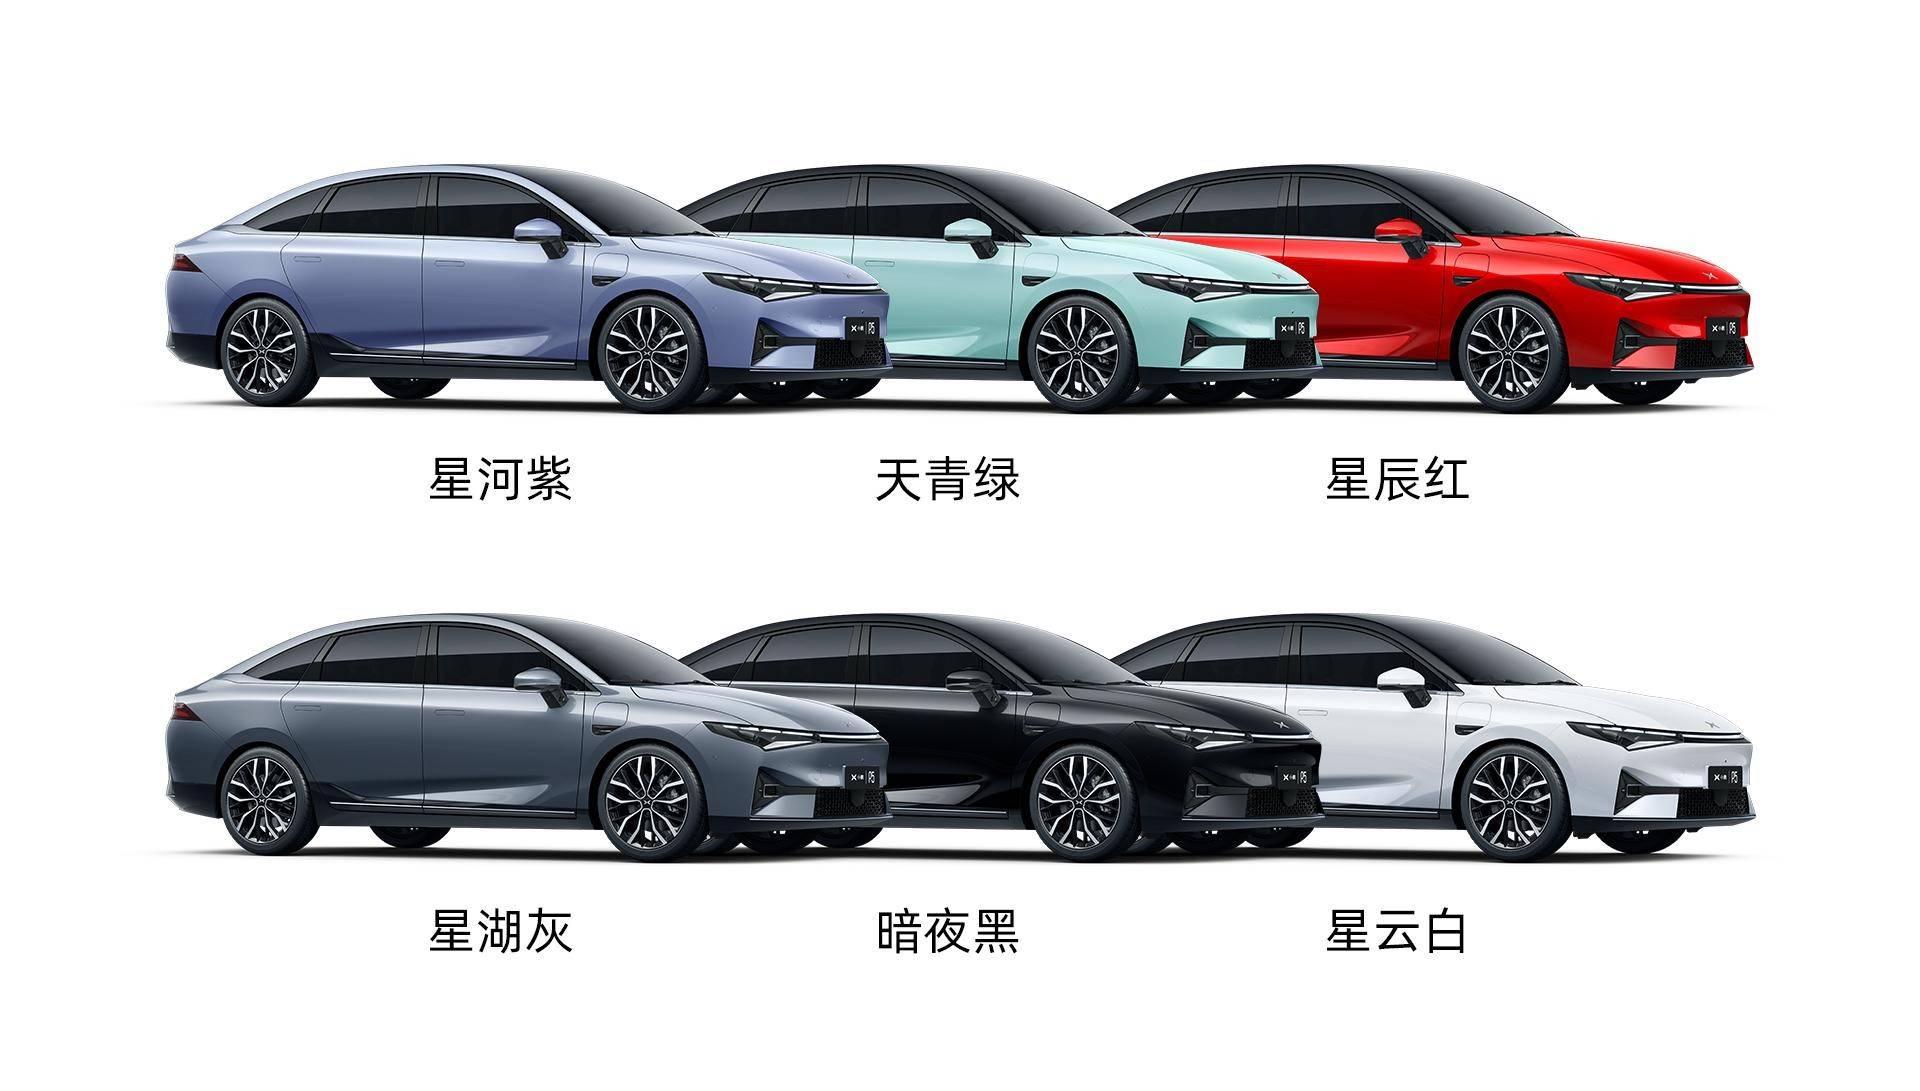 小鹏P5六种外观颜色/来源:小鹏汽车官方